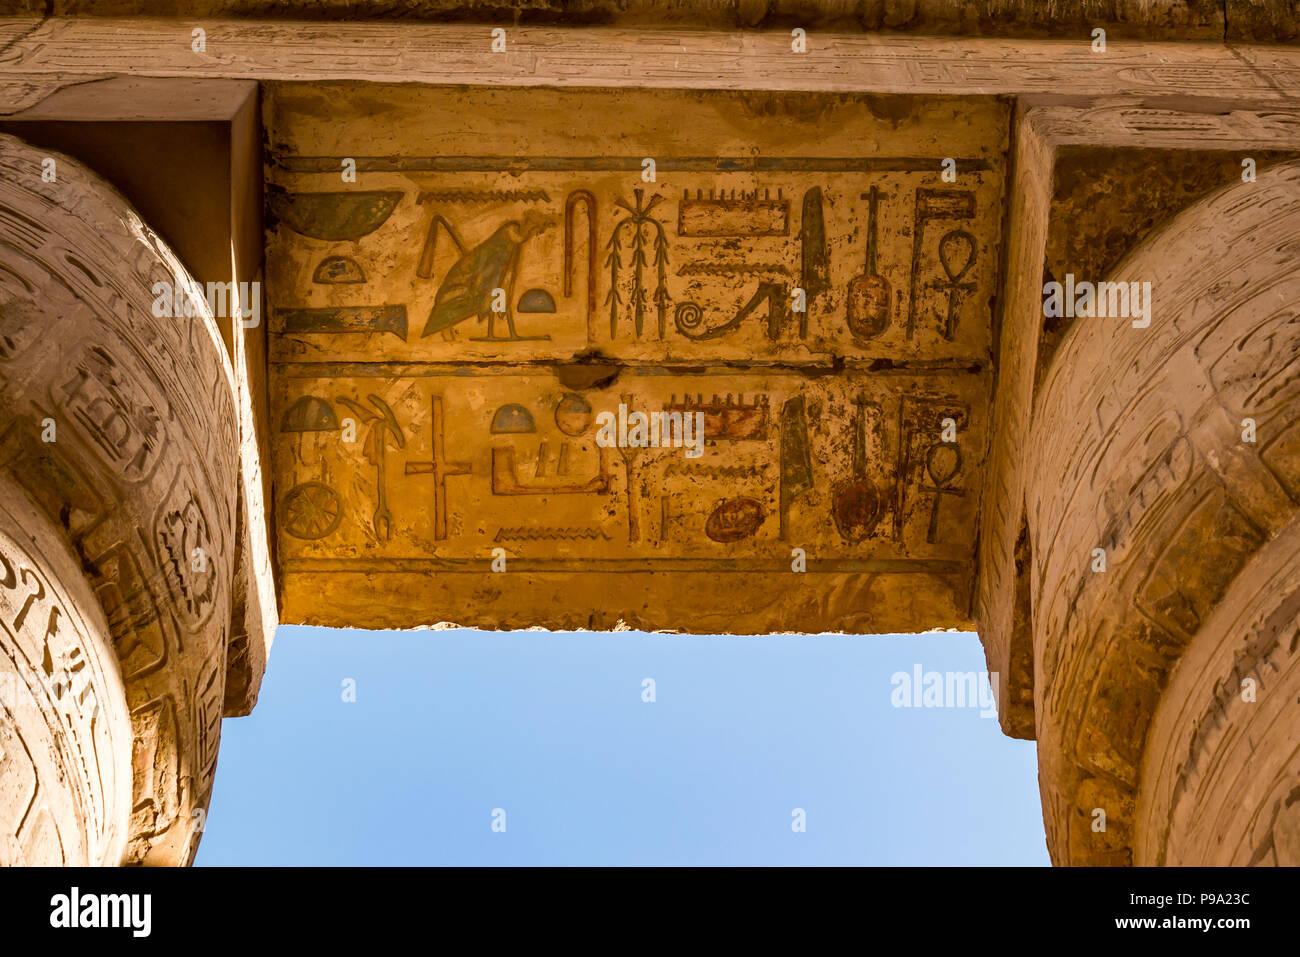 Guardando il dipinto colorati geroglifici egiziani alla sommità delle colonne, grande hypostyle hall precinct di Amon Ra, Tempio di Karnak. Luxor, Egitto, Africa Immagini Stock